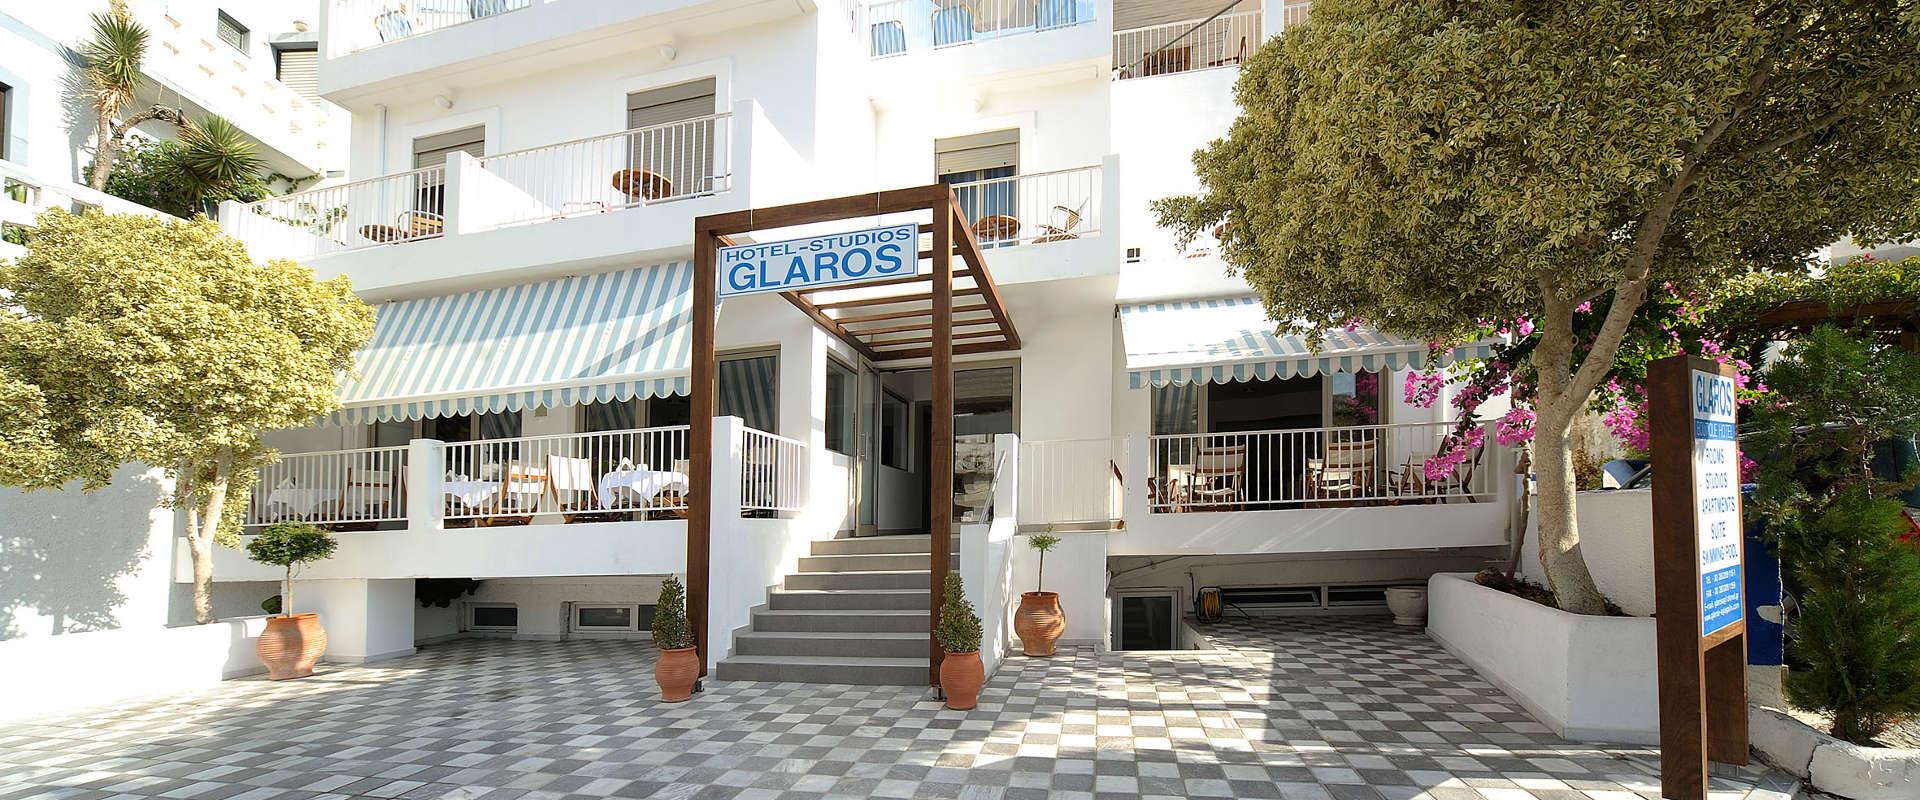 Glaros hotel for Boutique hotel glaros